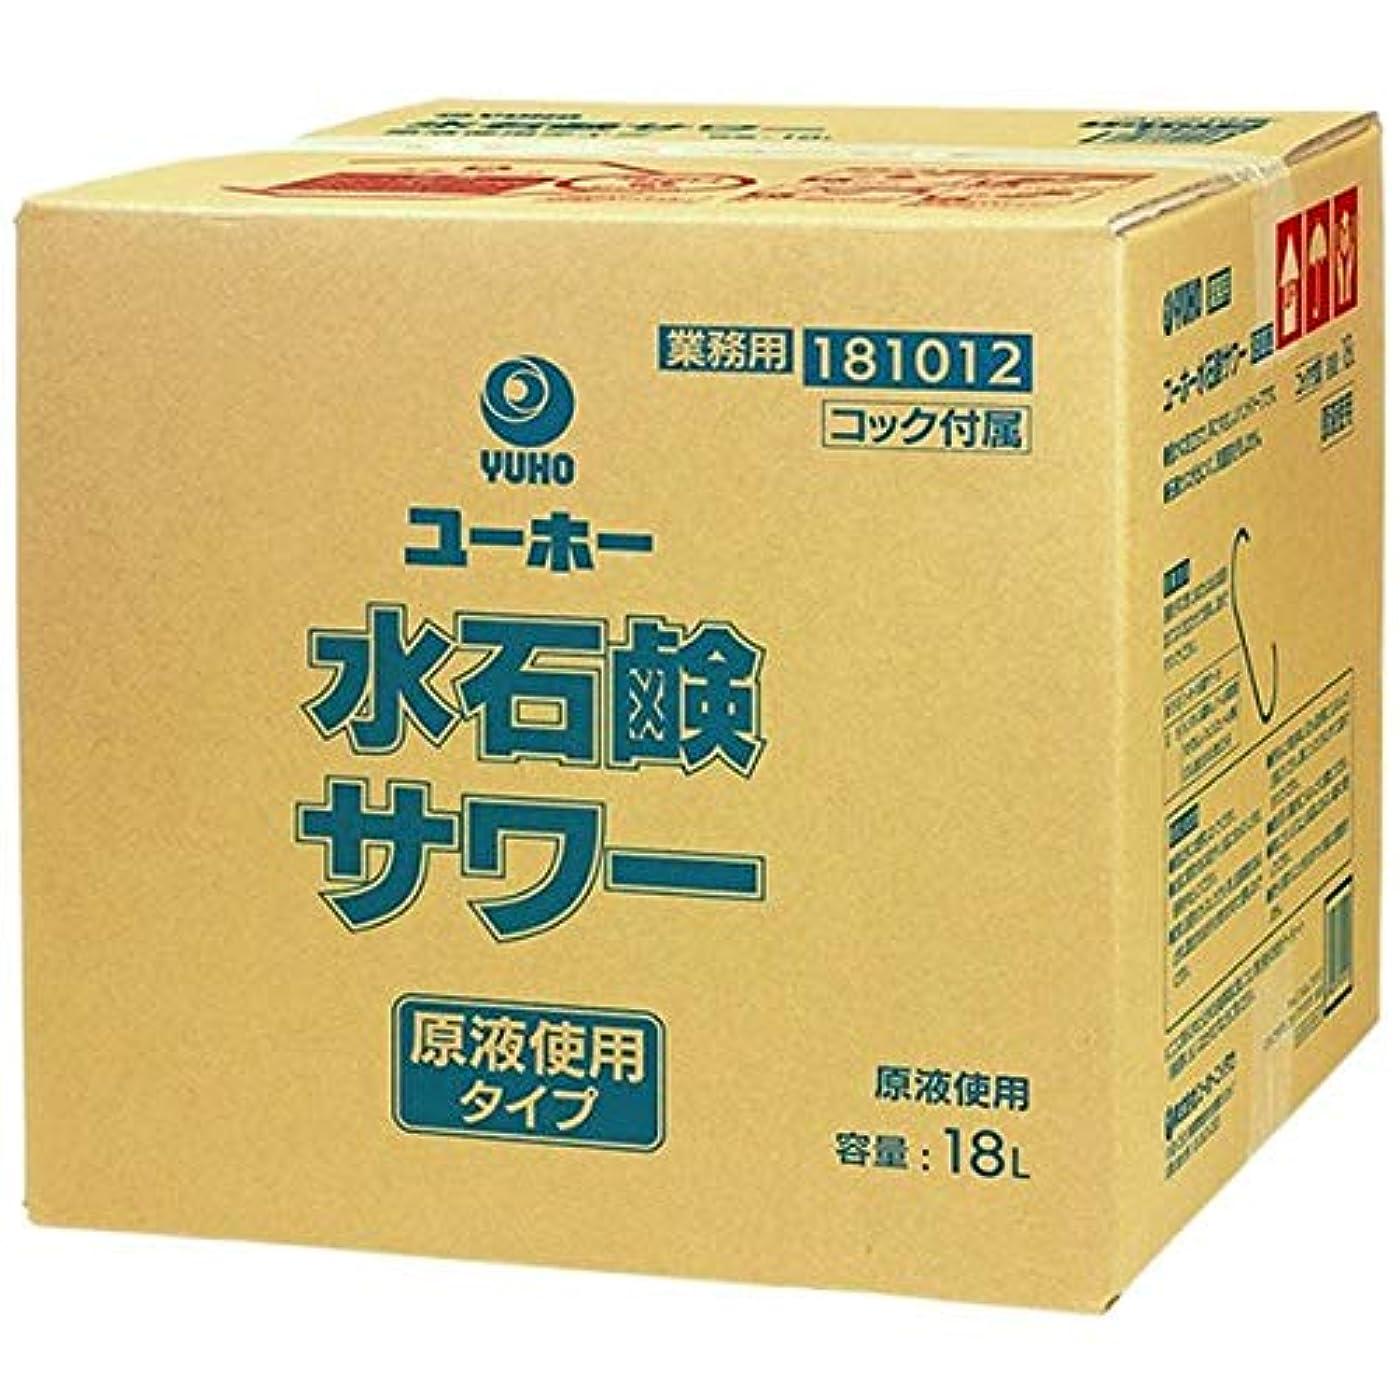 文庫本杖擬人化業務用 ハンドソープ 水石鹸サワー 原液タイプ 18L 181011 (希釈しないで使用できる原液タイプのハンドソープ)